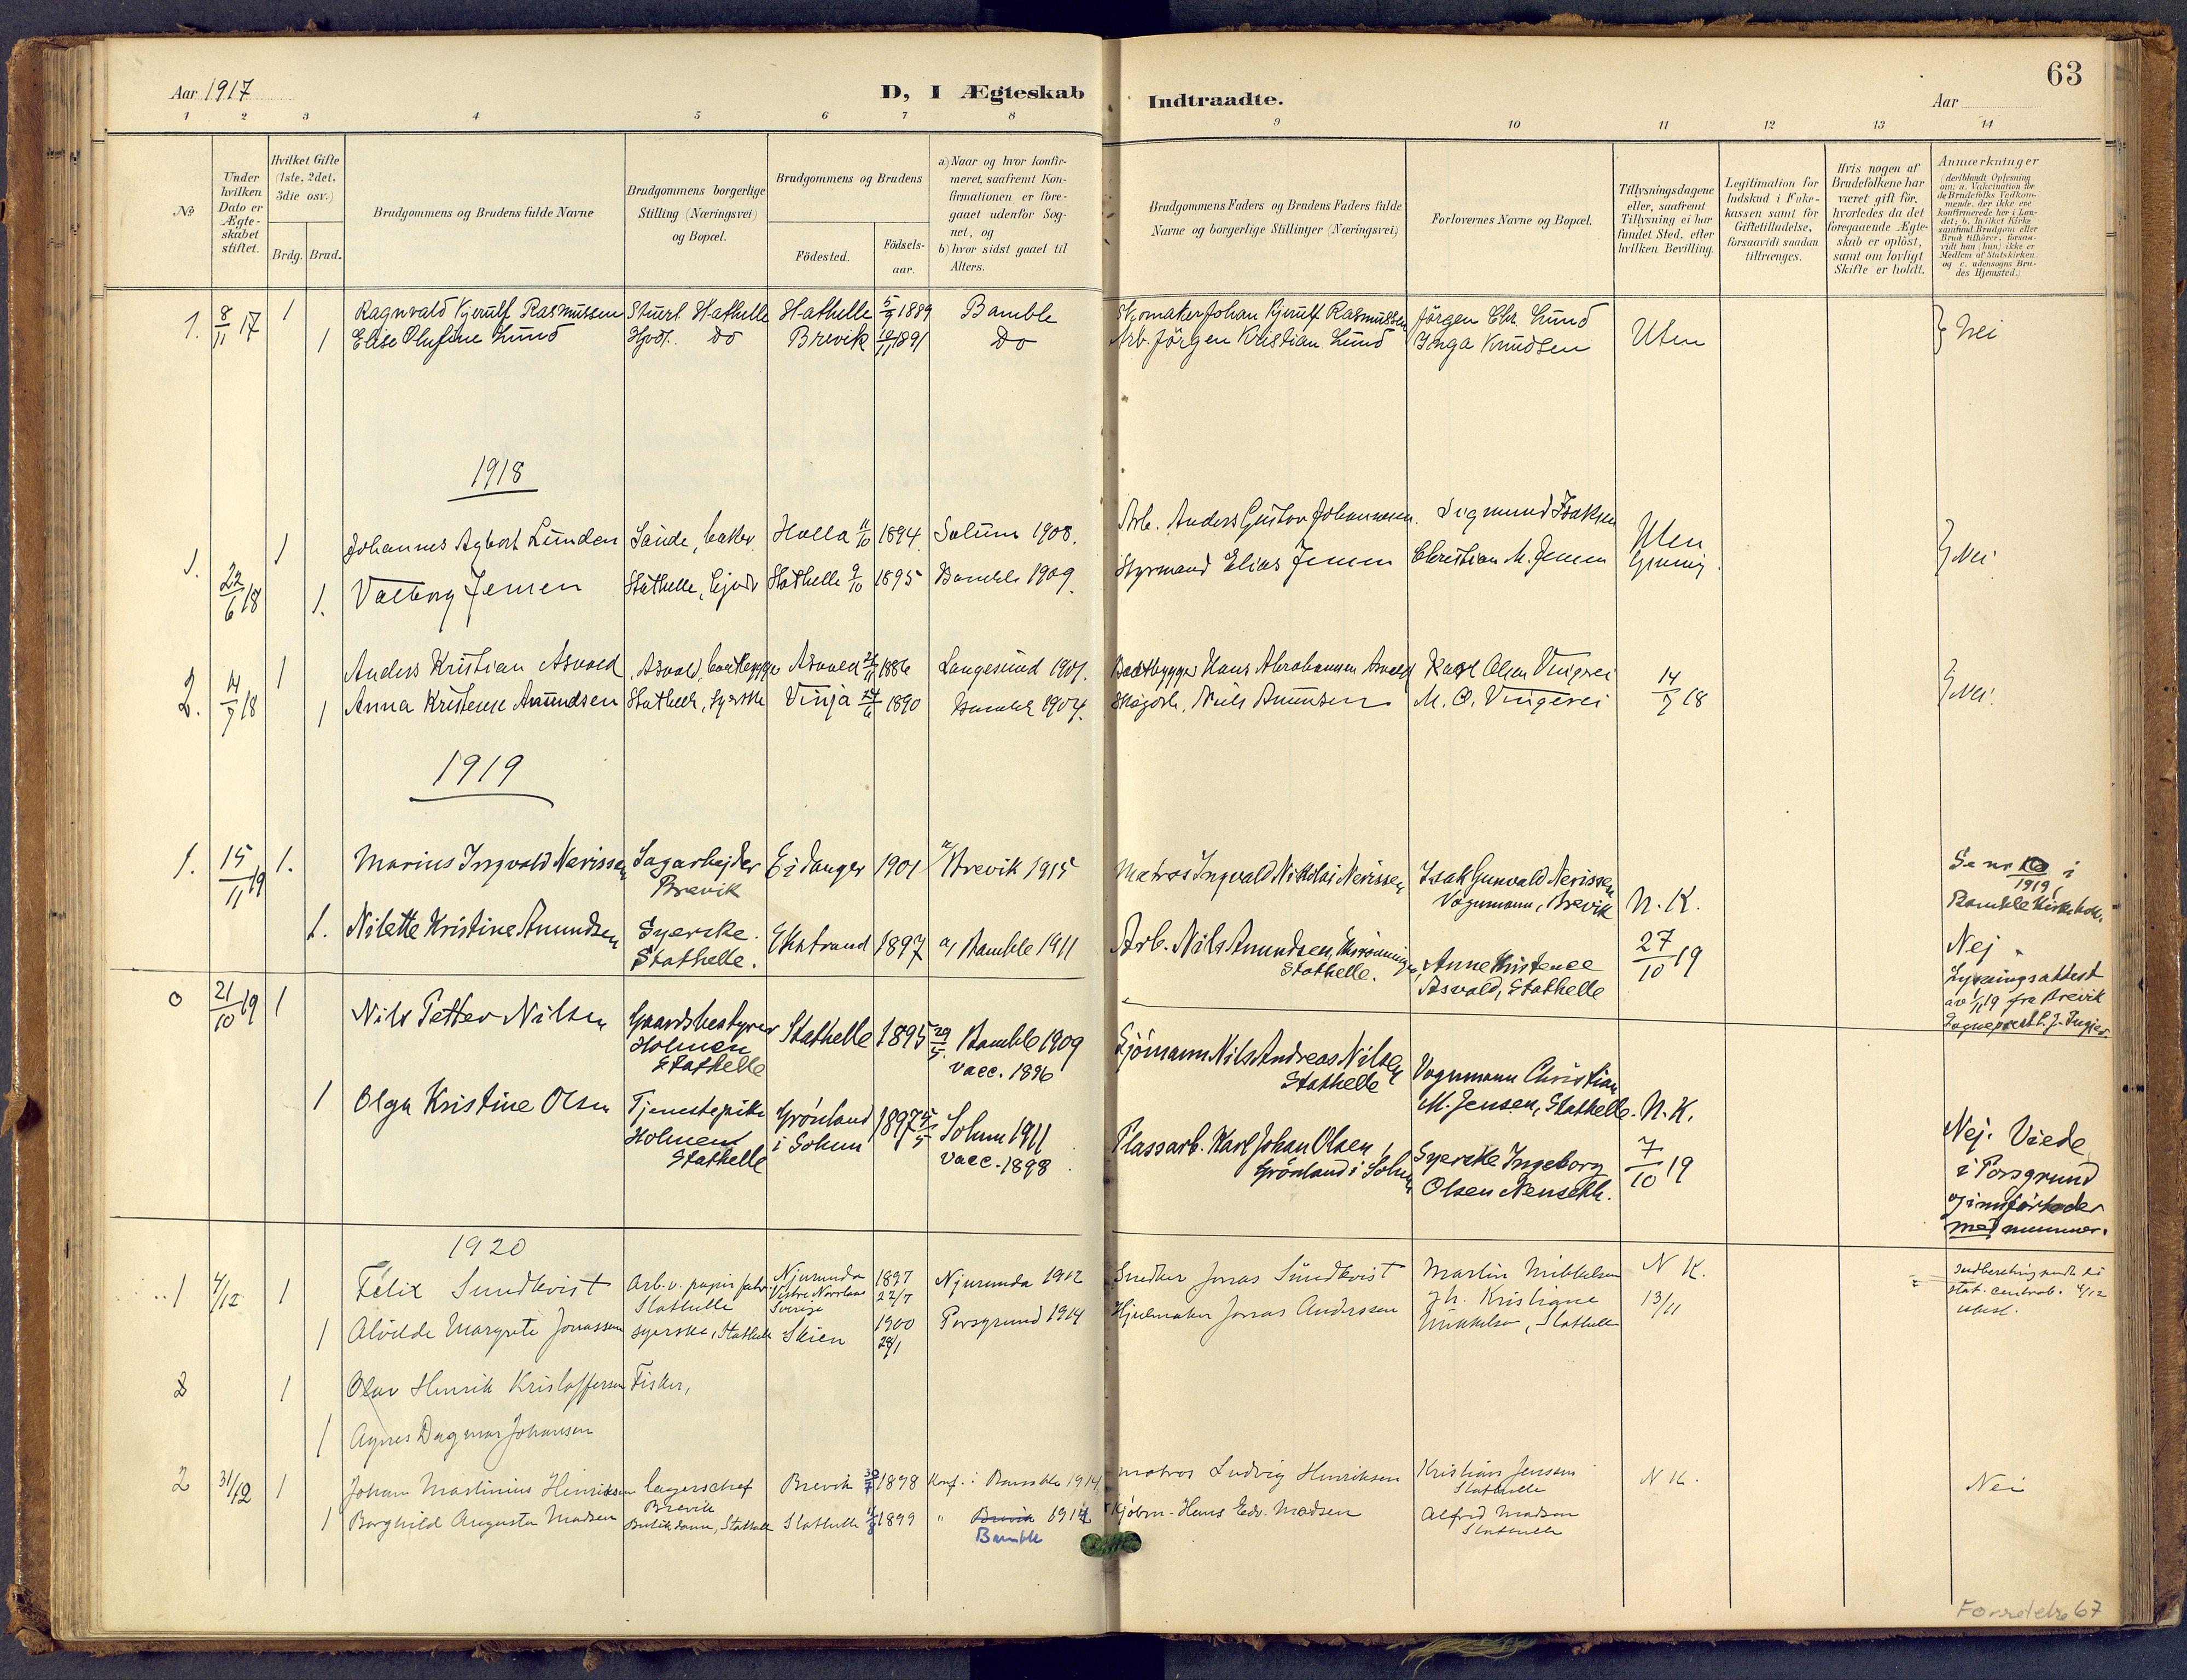 SAKO, Bamble kirkebøker, F/Fb/L0002: Ministerialbok nr. II 2, 1900-1921, s. 63